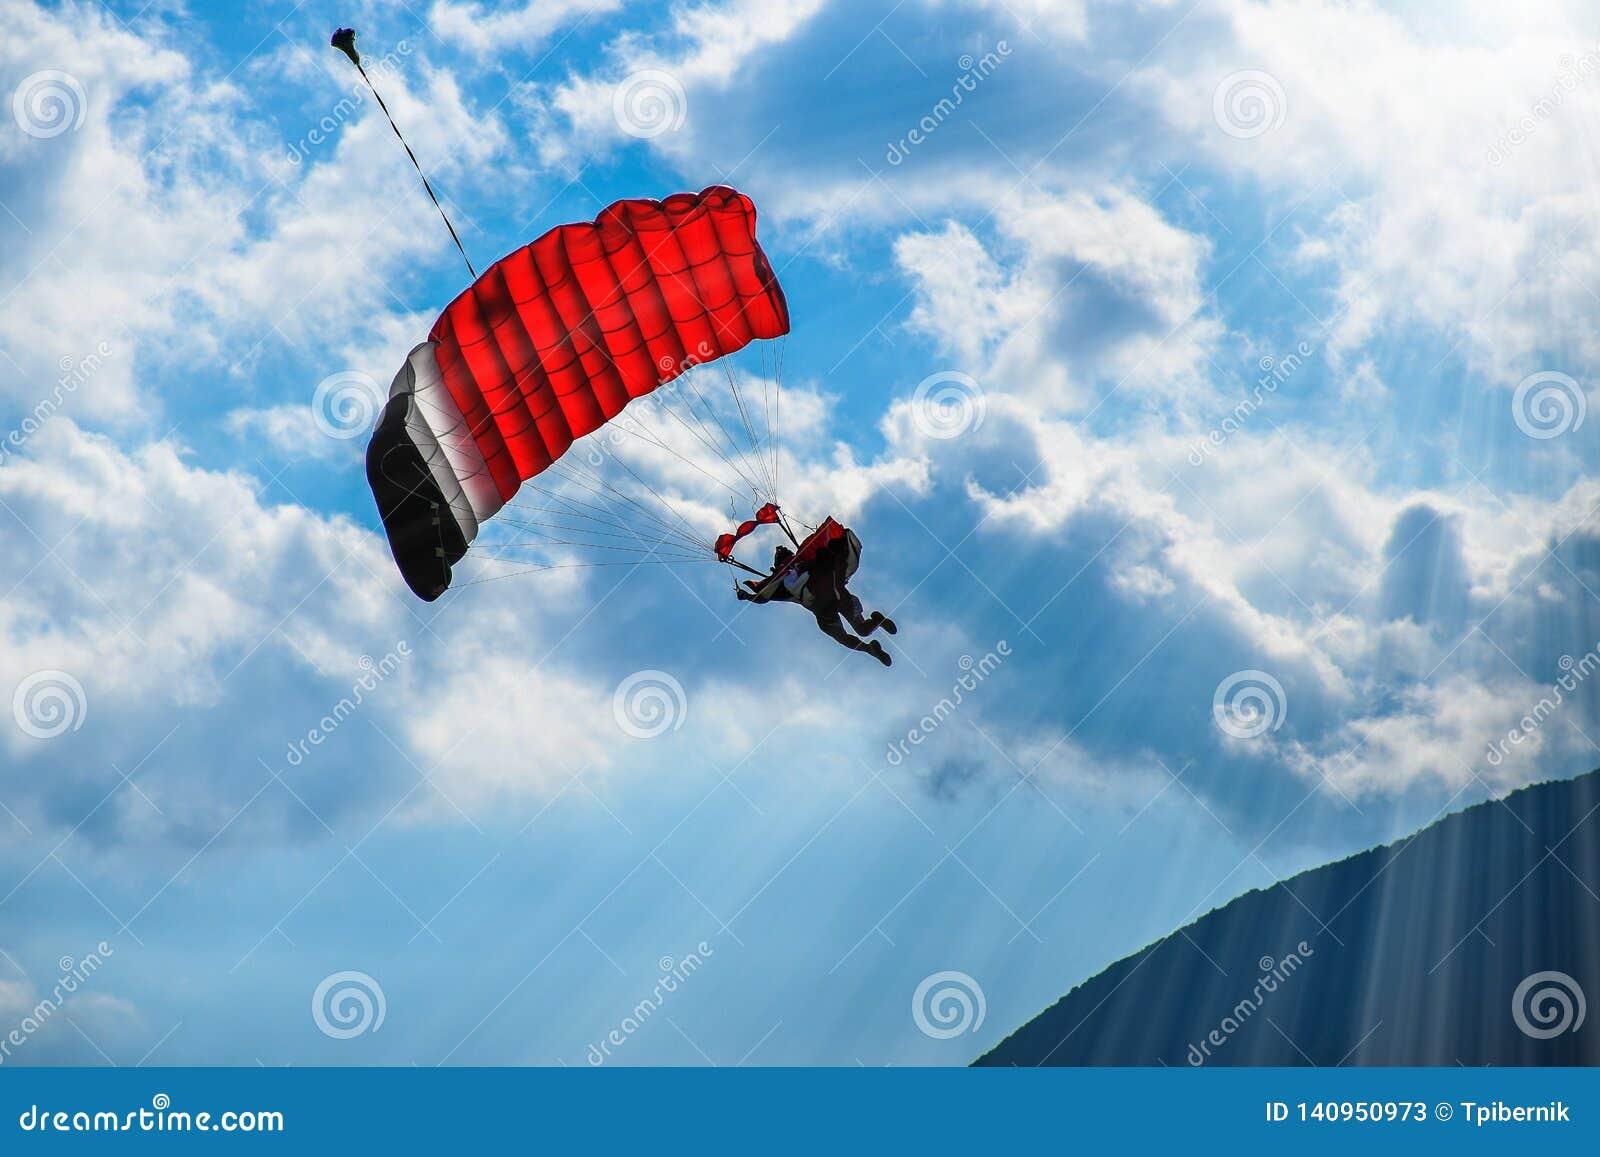 有红色降伞飞行的滑翔伞在天空蔚蓝